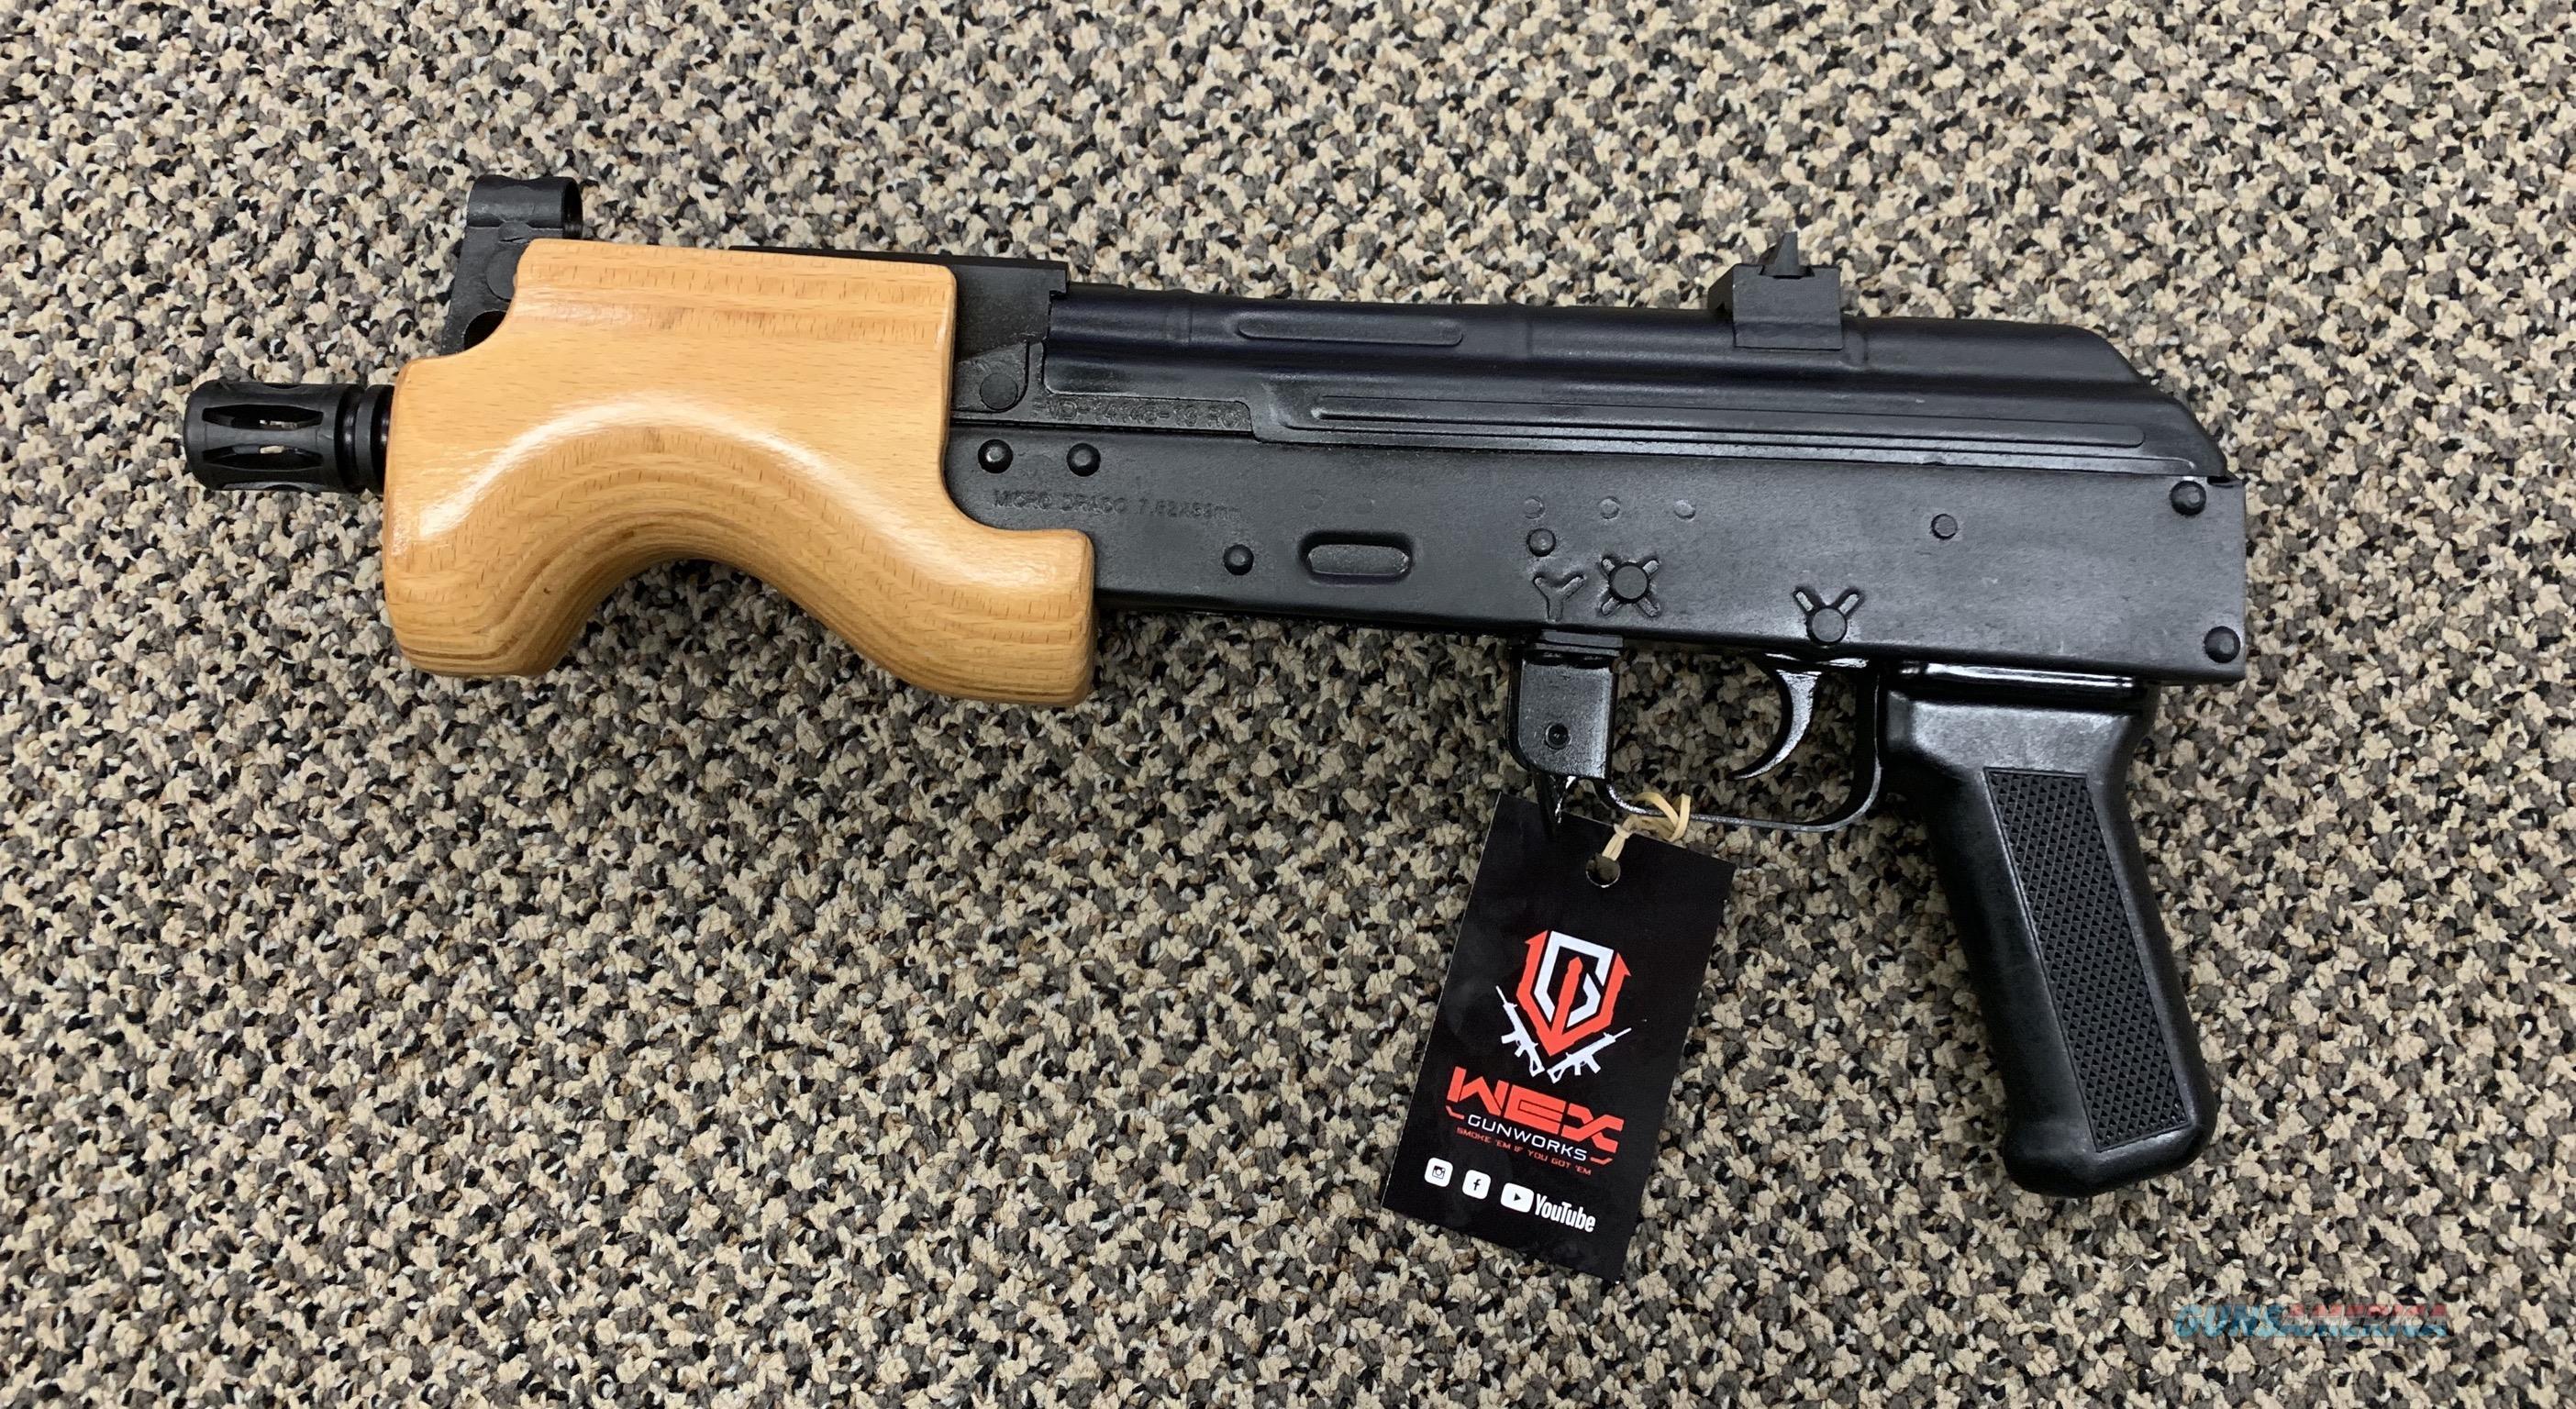 CENTURY ARMS MICRO DRACO PISTOL 7.62X39 NIB  Guns > Pistols > Century International Arms - Pistols > Pistols